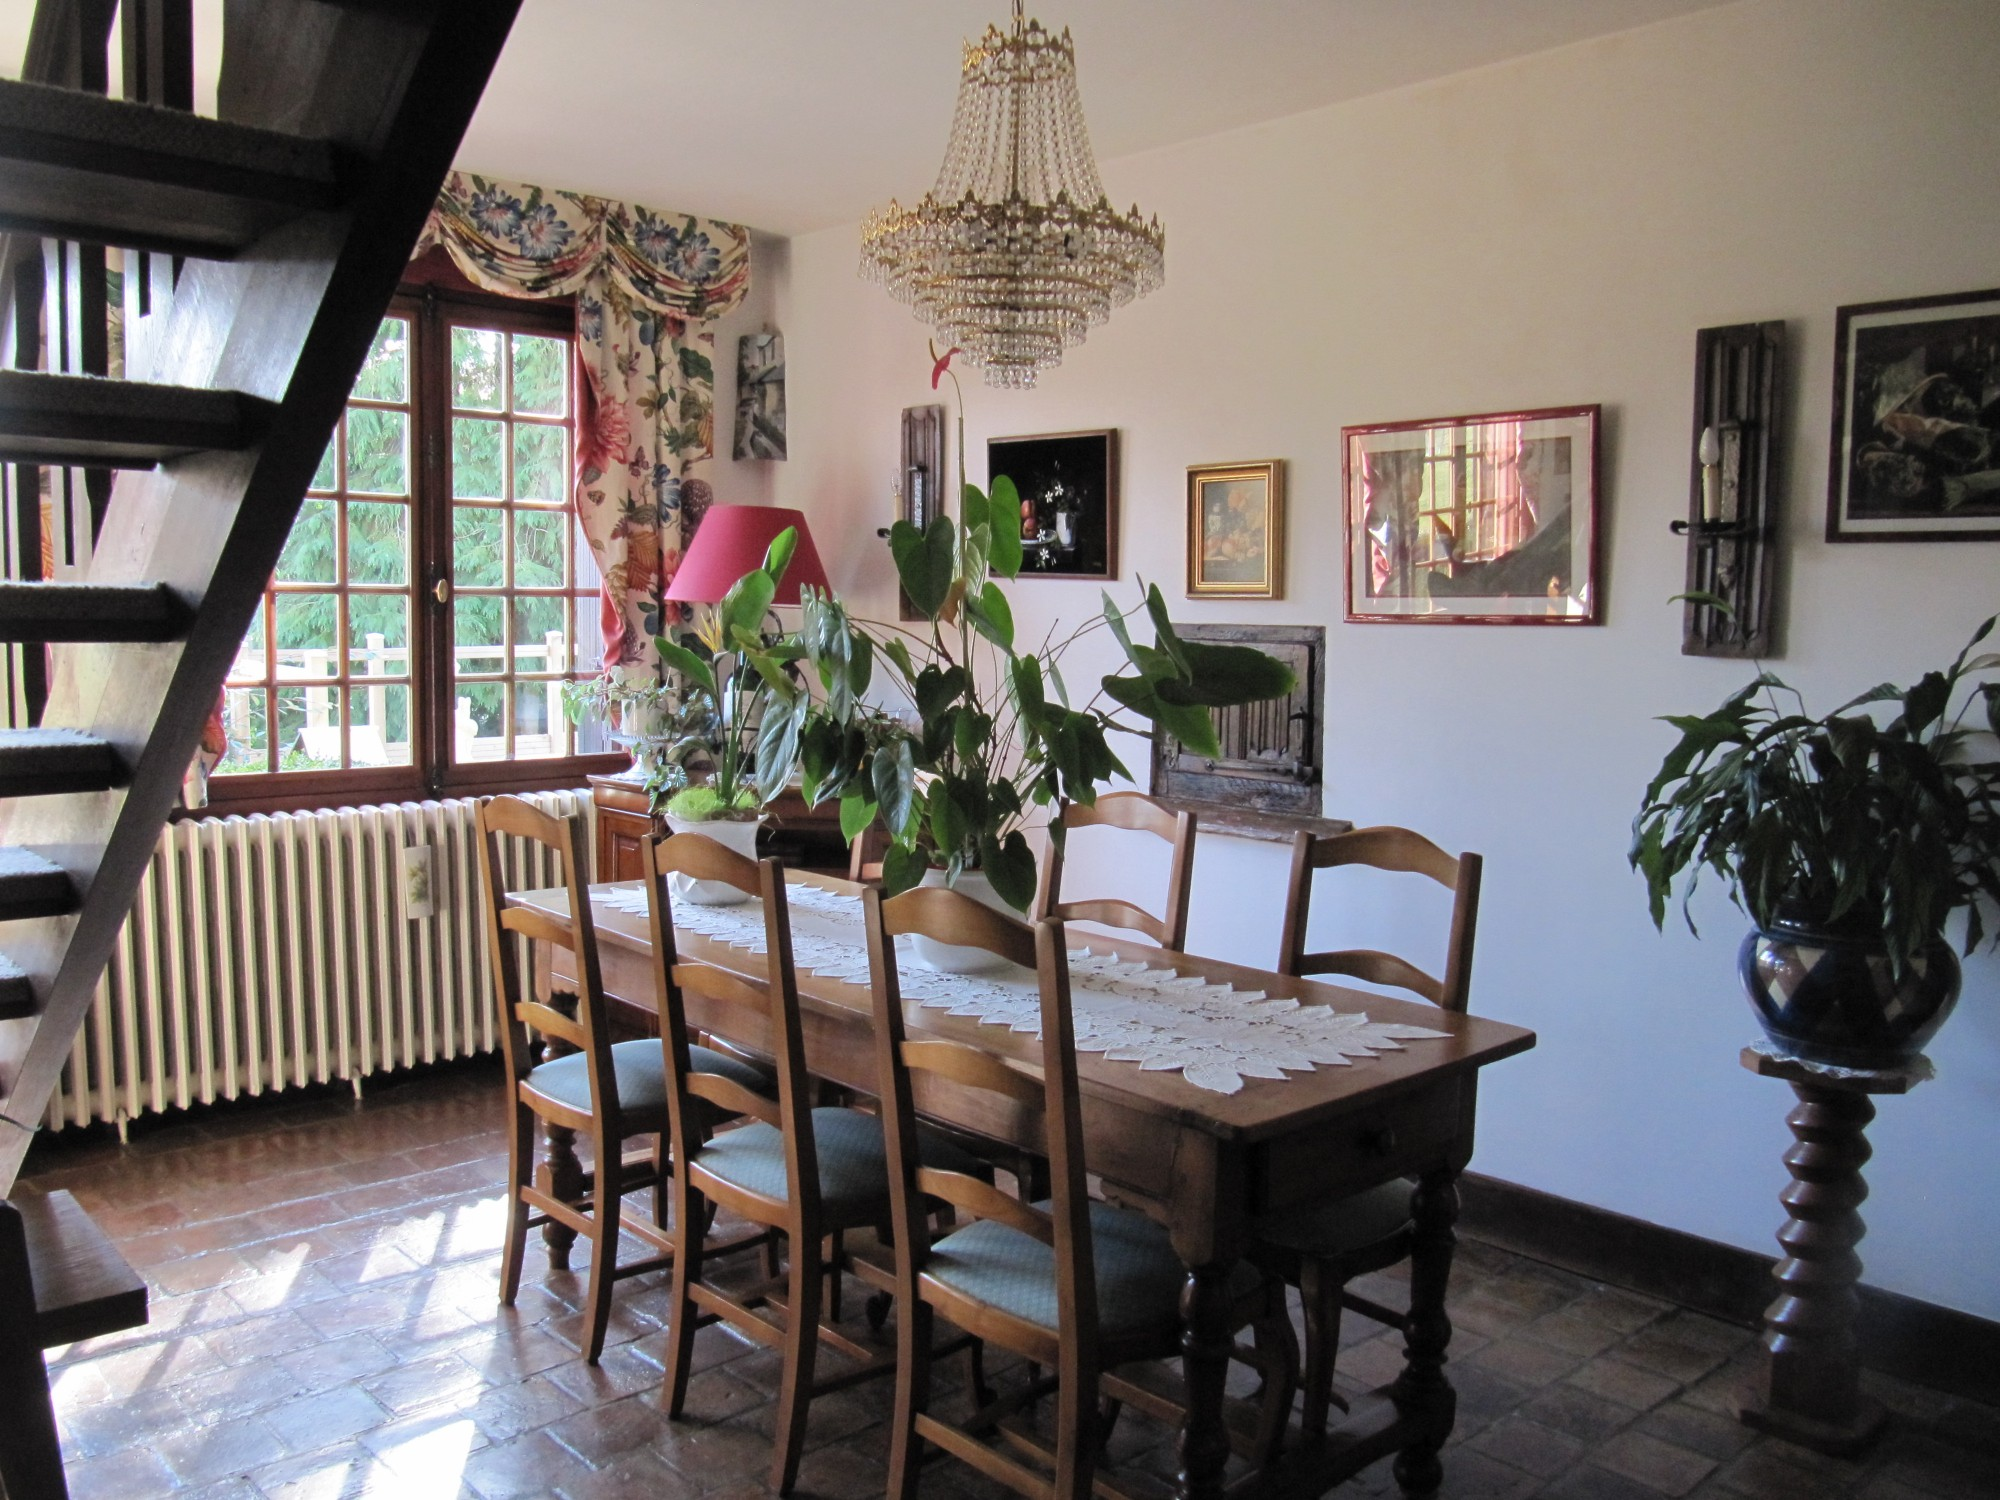 lisieux ventes maison normande d 39 architecte t5 f5 lisieux normandie calvados 14 terres et. Black Bedroom Furniture Sets. Home Design Ideas